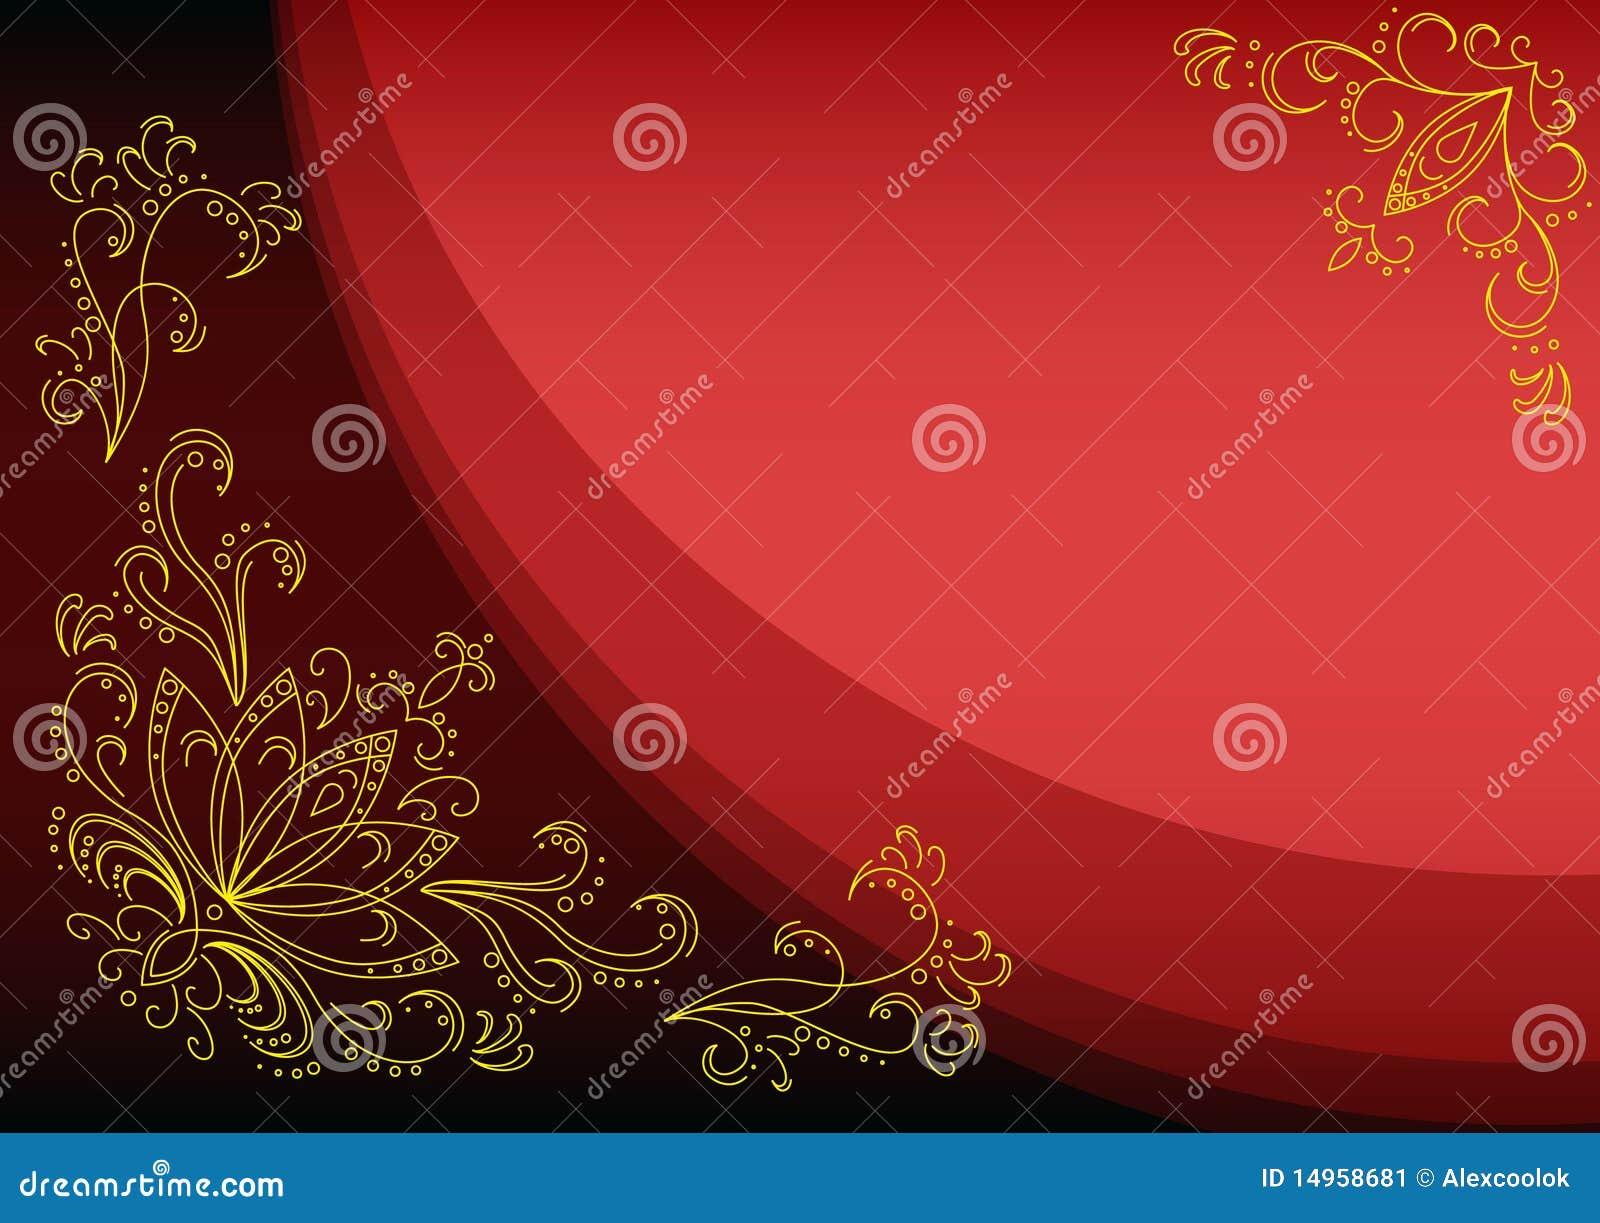 scarlet background